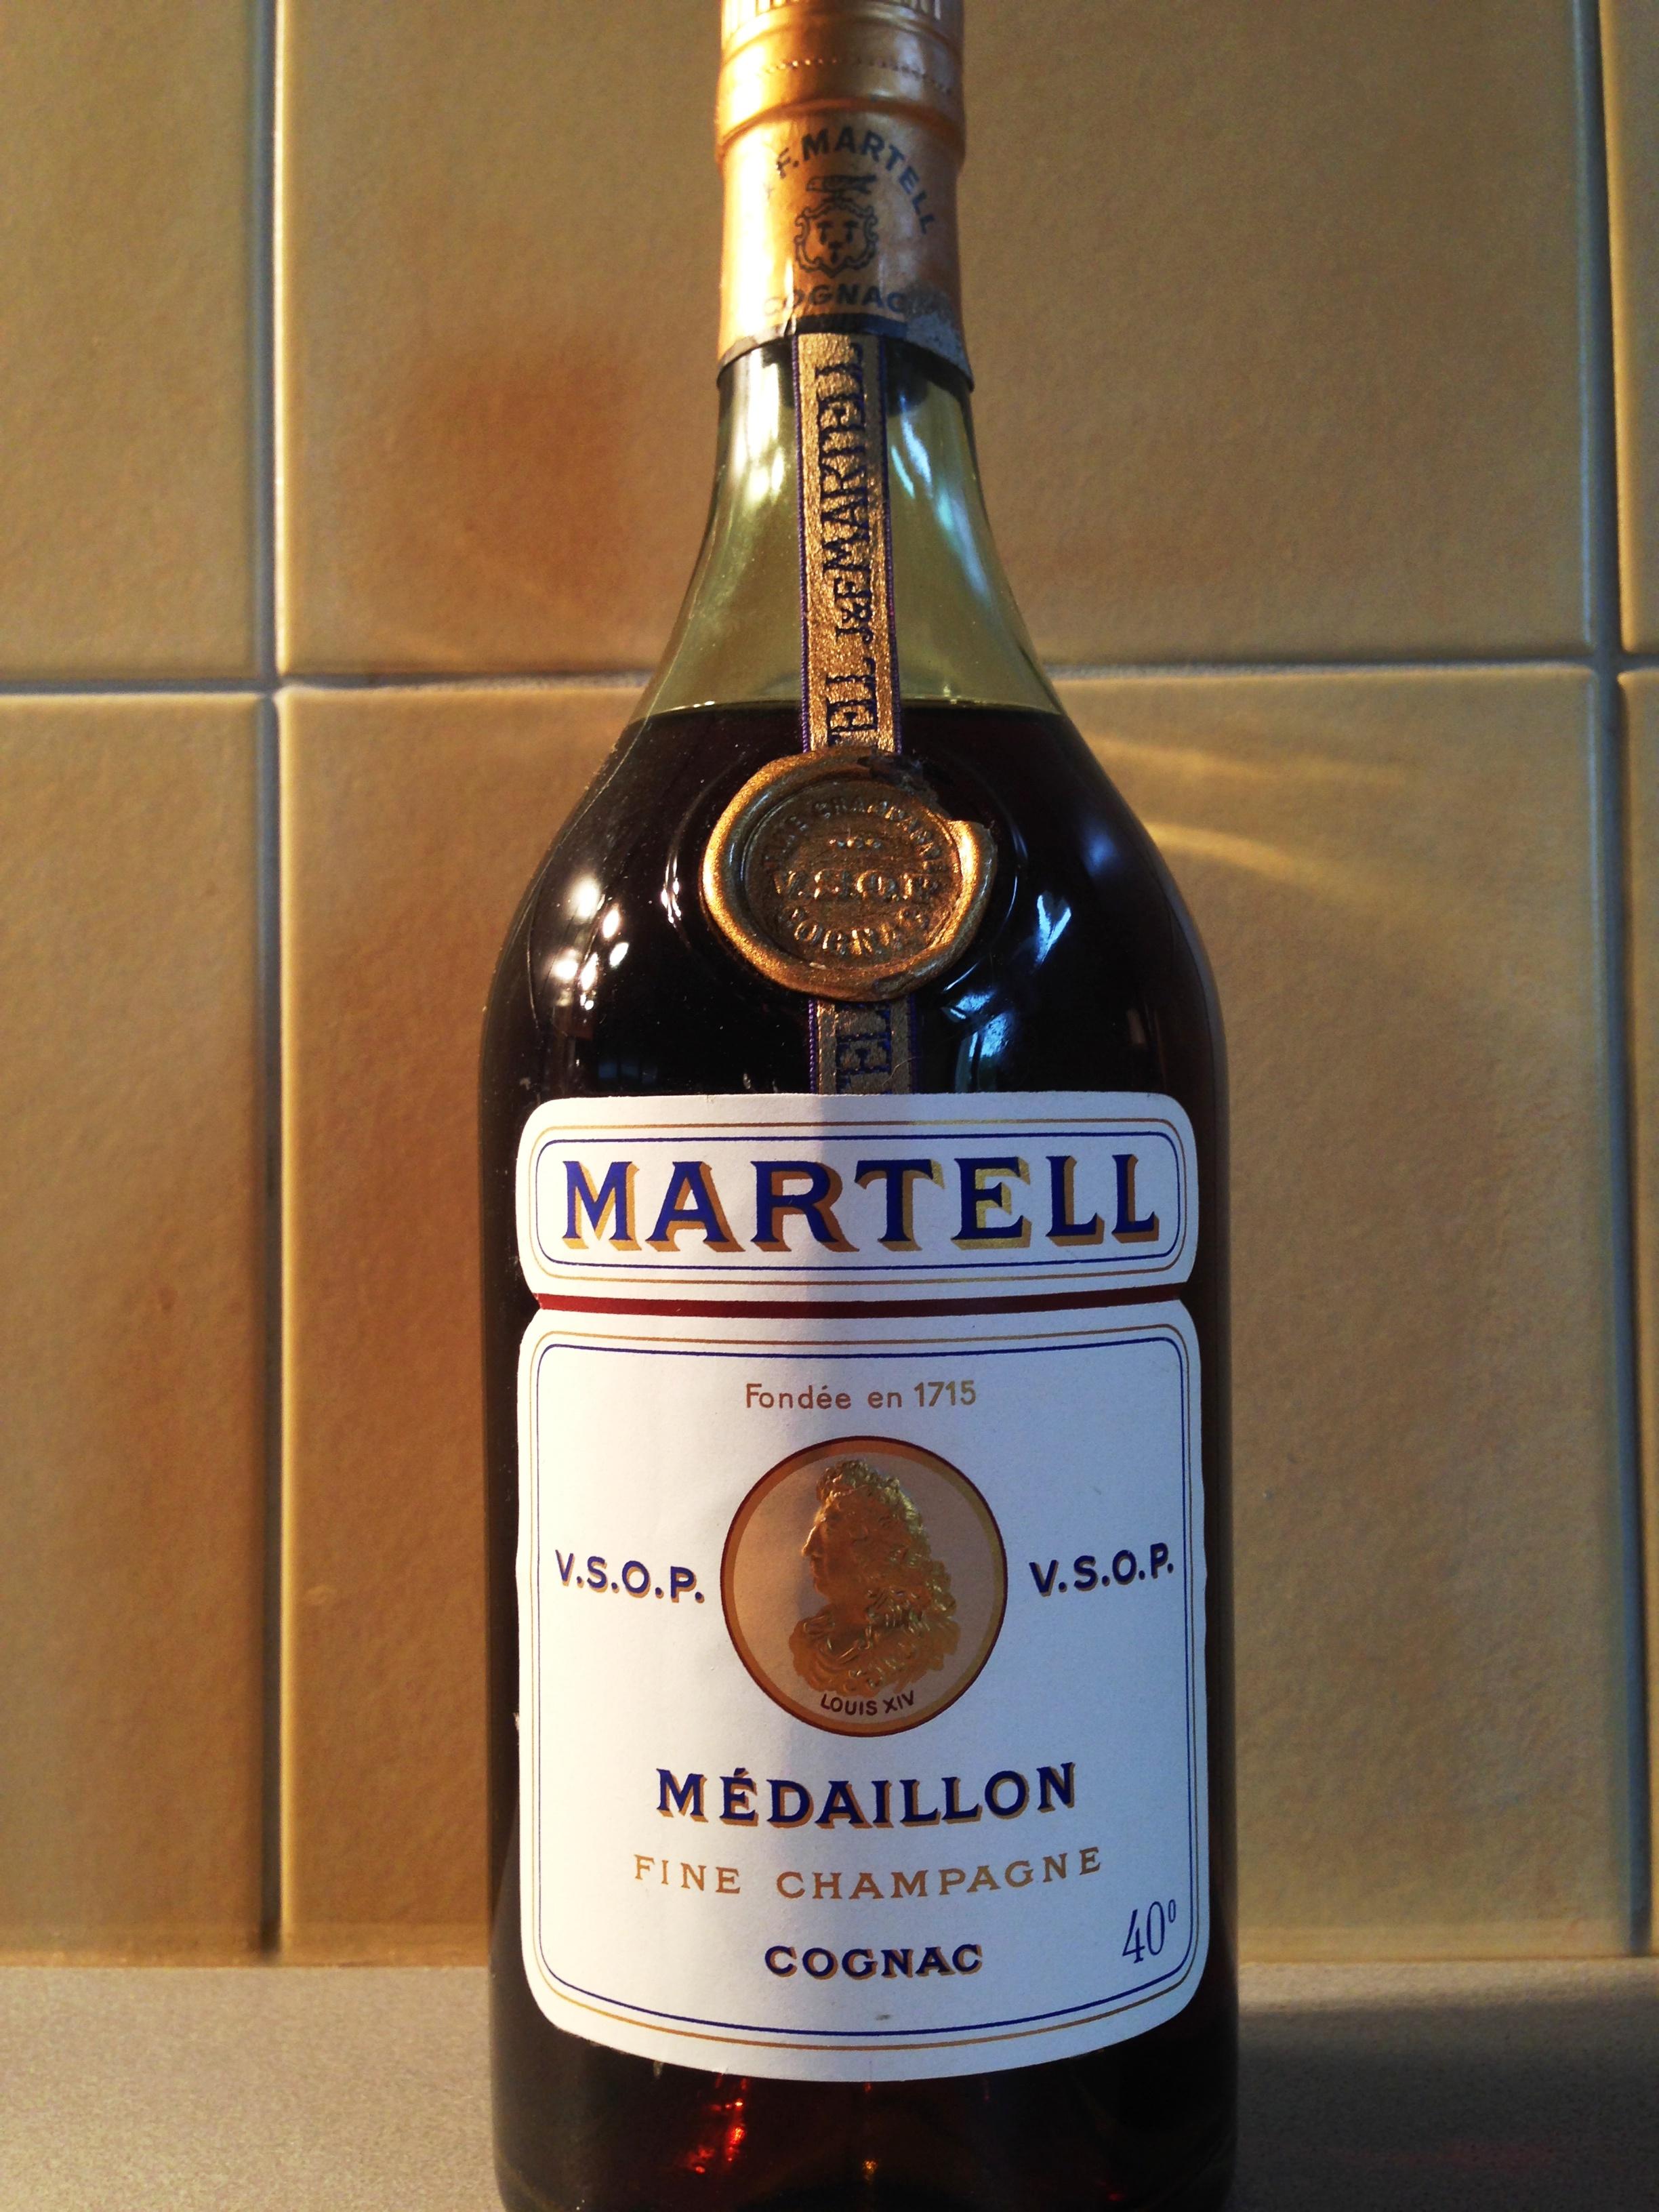 Martell Médaillon Fine Champagne Cognac